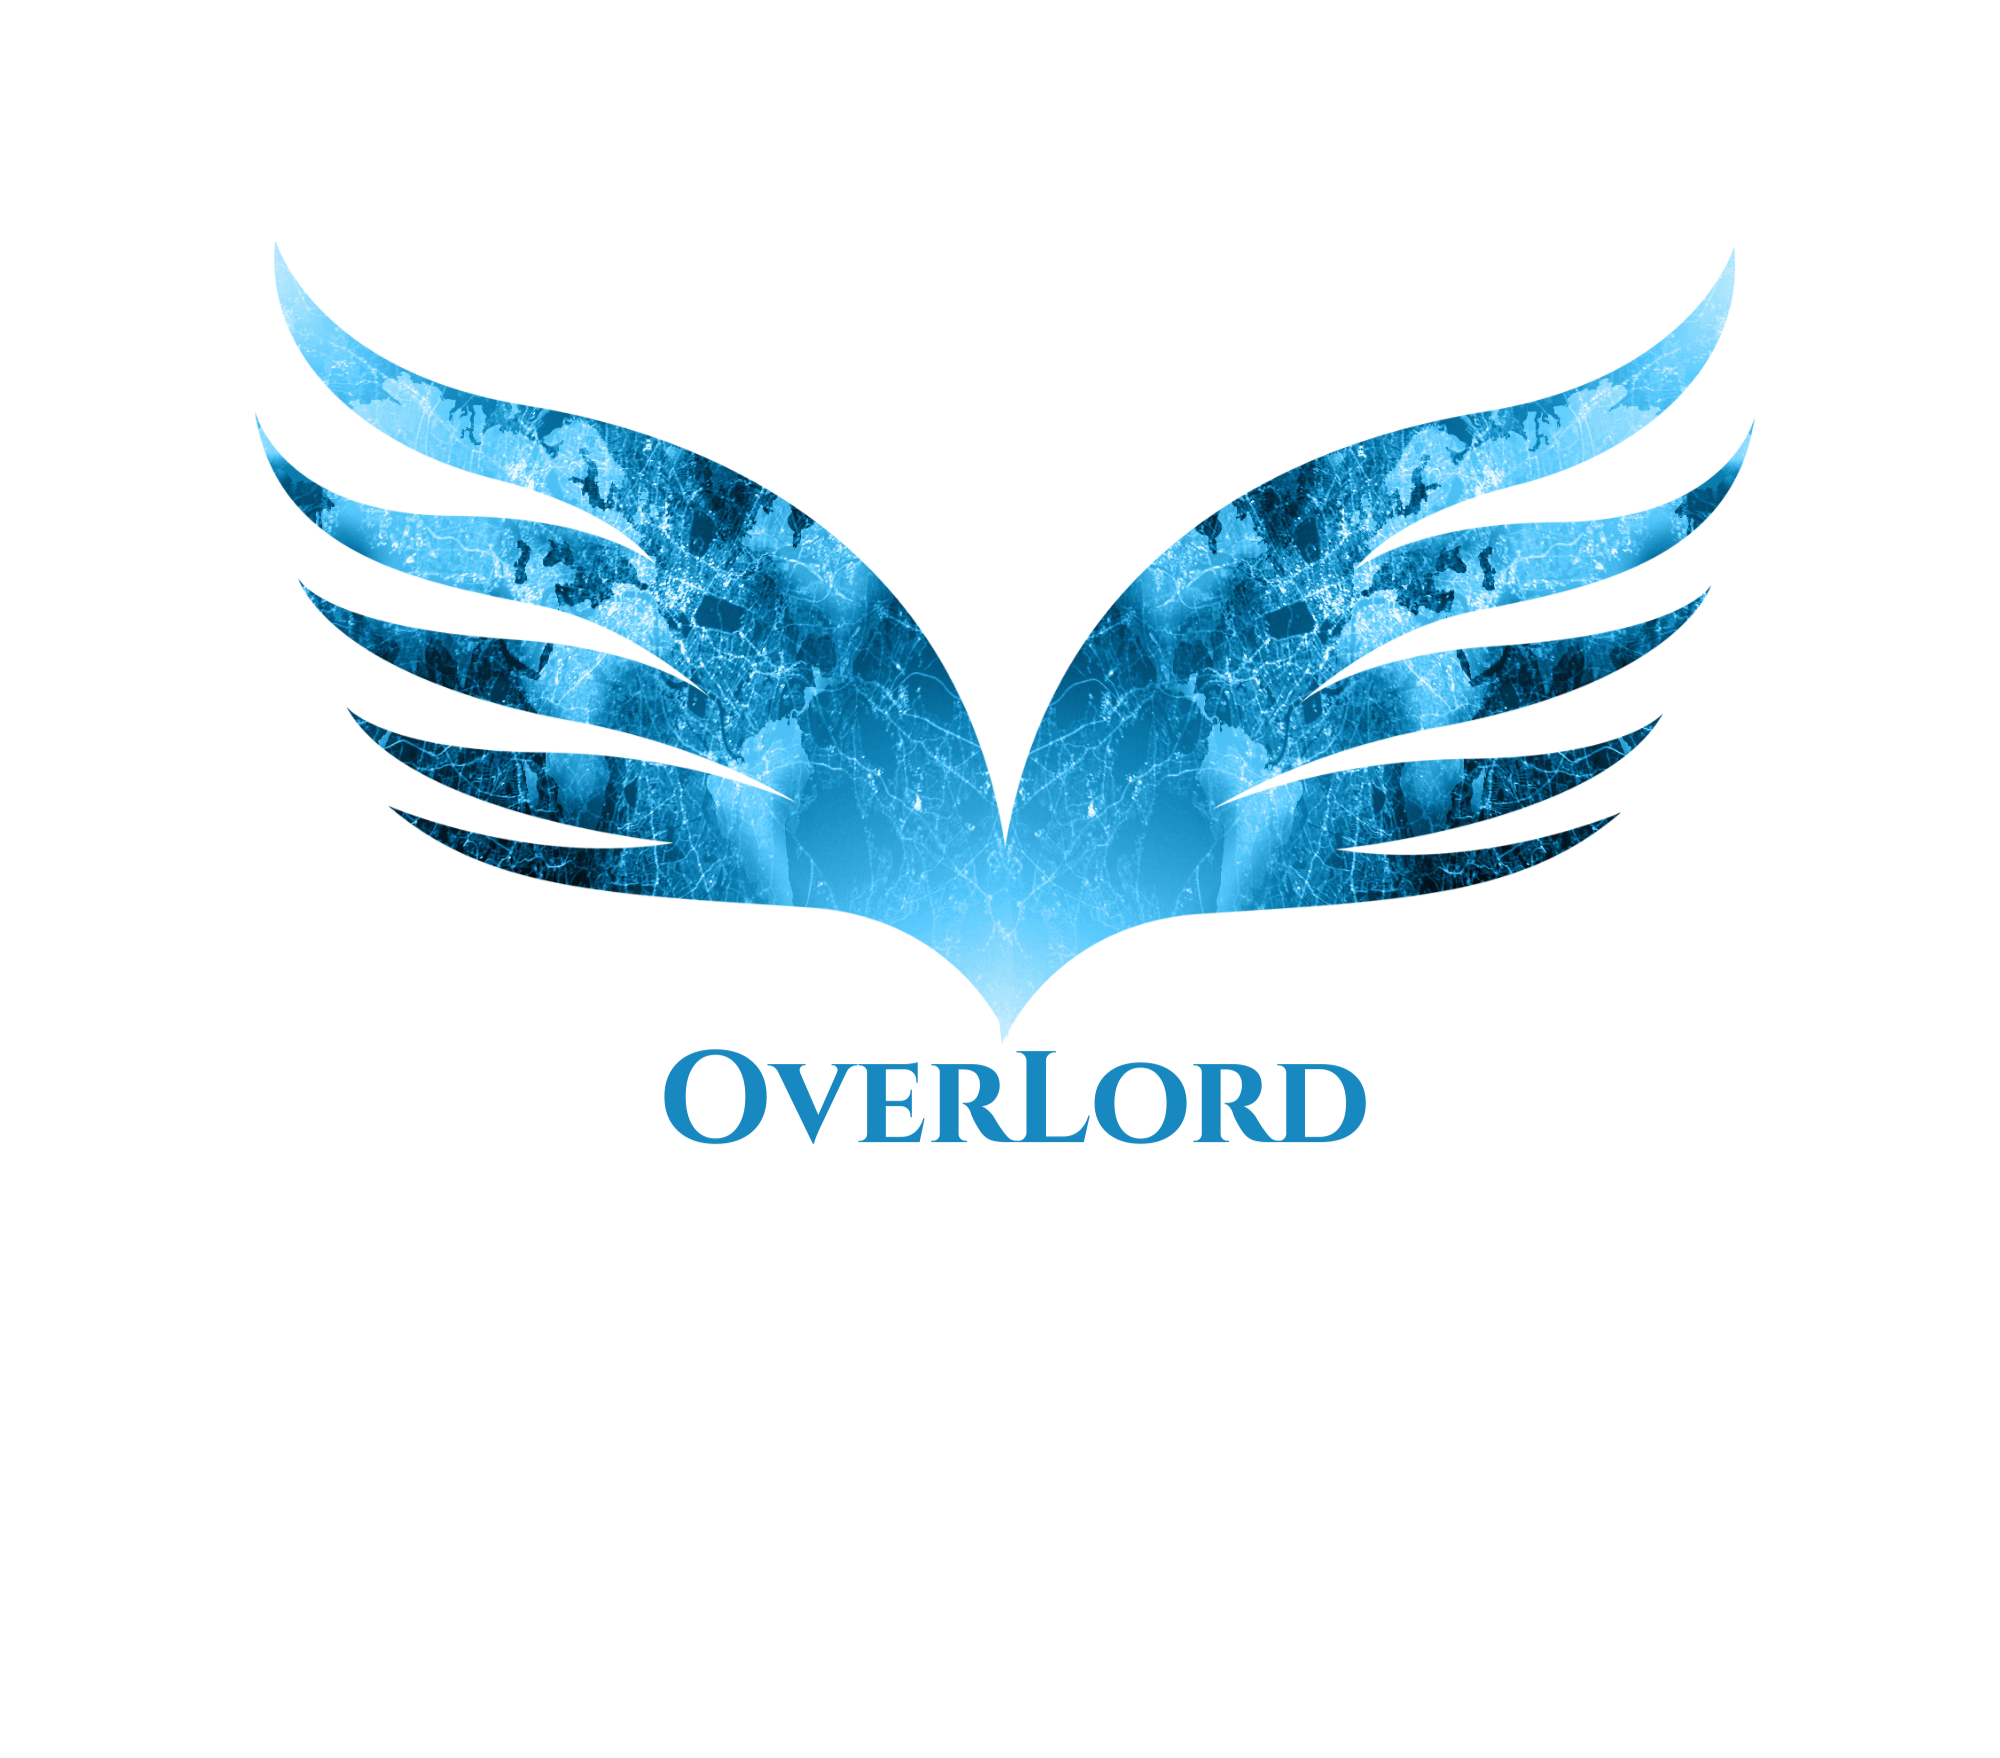 سیبمو   درگاه حمایت مالی از OveRLorD